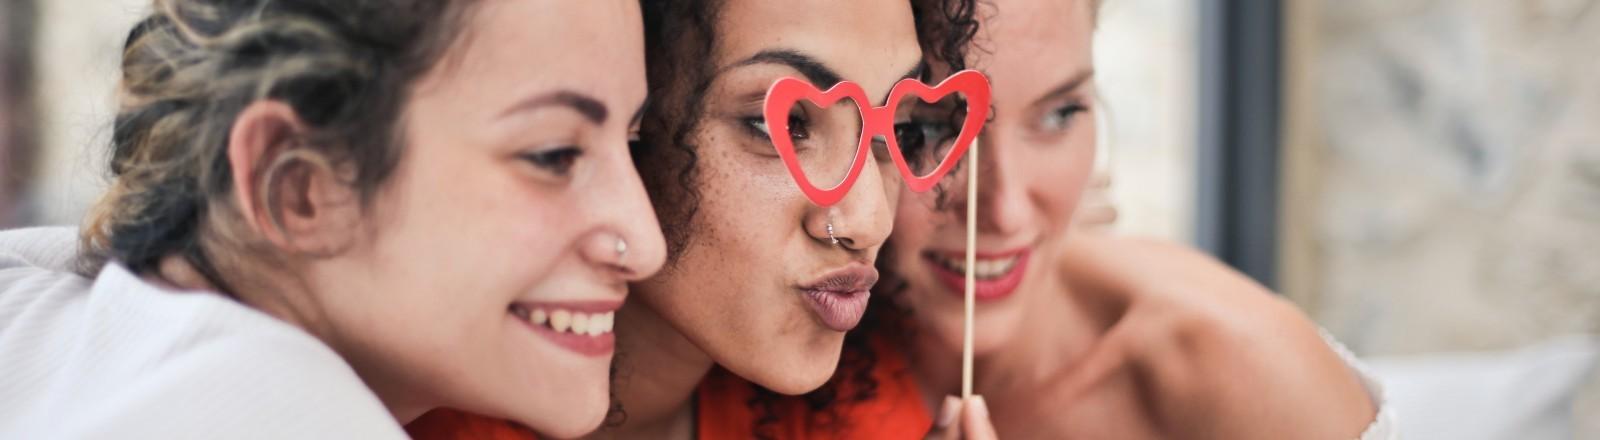 Drei Freundinnen schauen in die Kamera